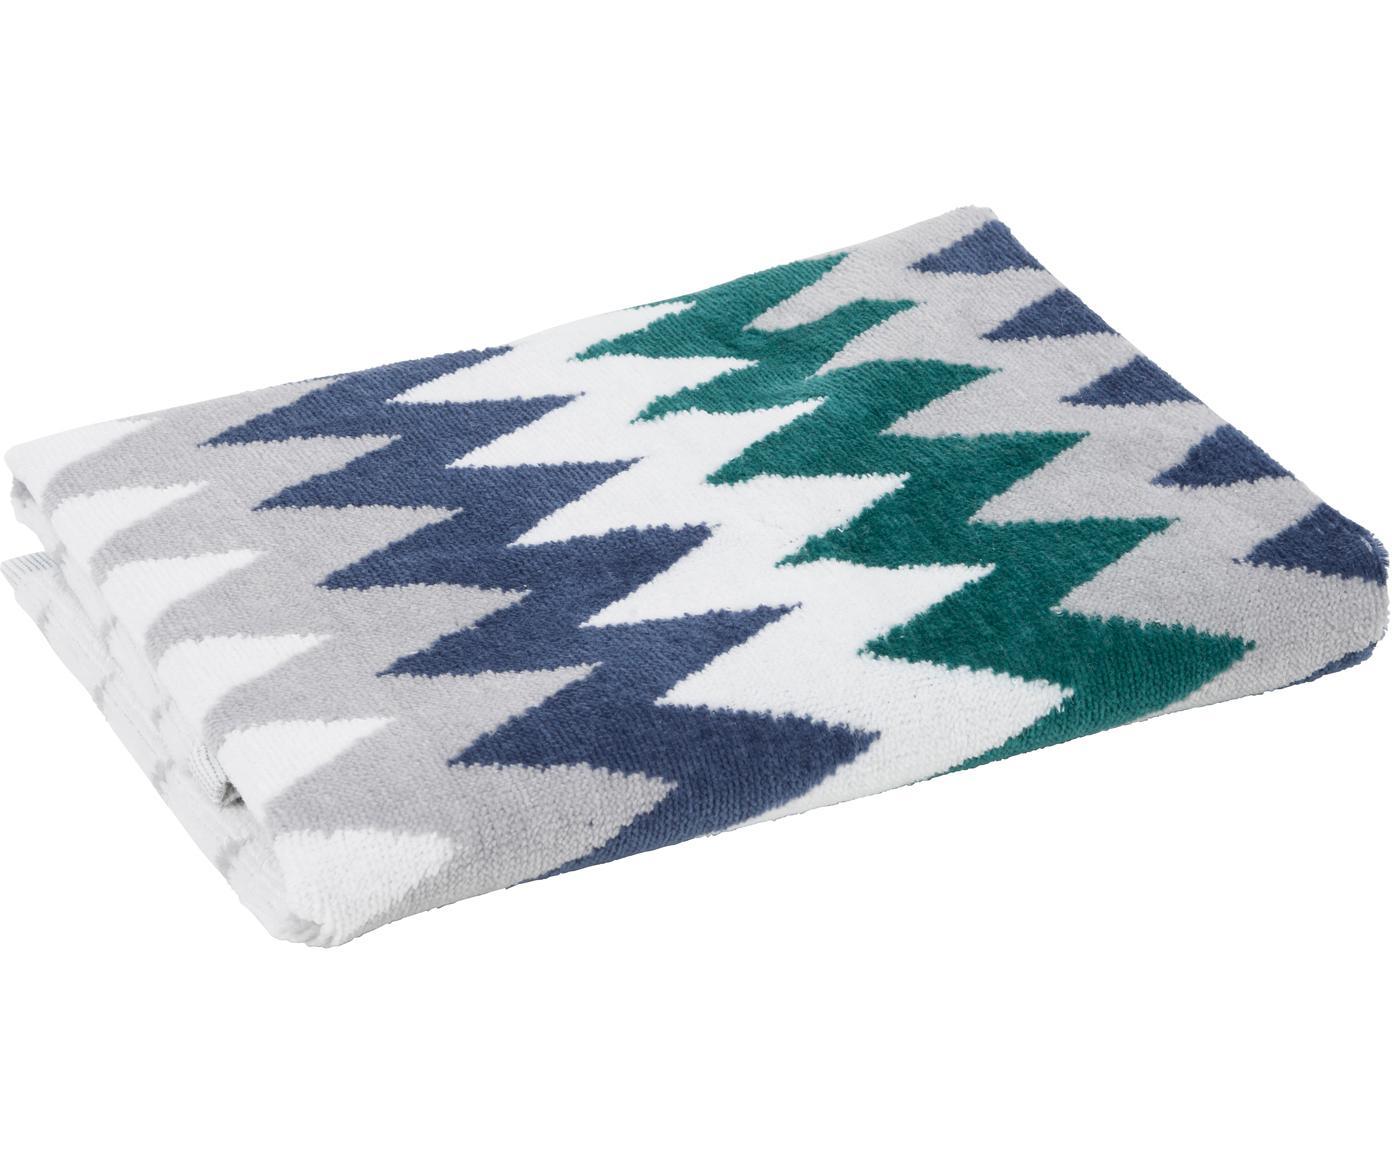 Handtuch Hanneke in verschiedenen Größen, mit Zickzack-Muster, 100% Baumwolle, Blau, Grau, Weiß, Grün, Gästehandtuch